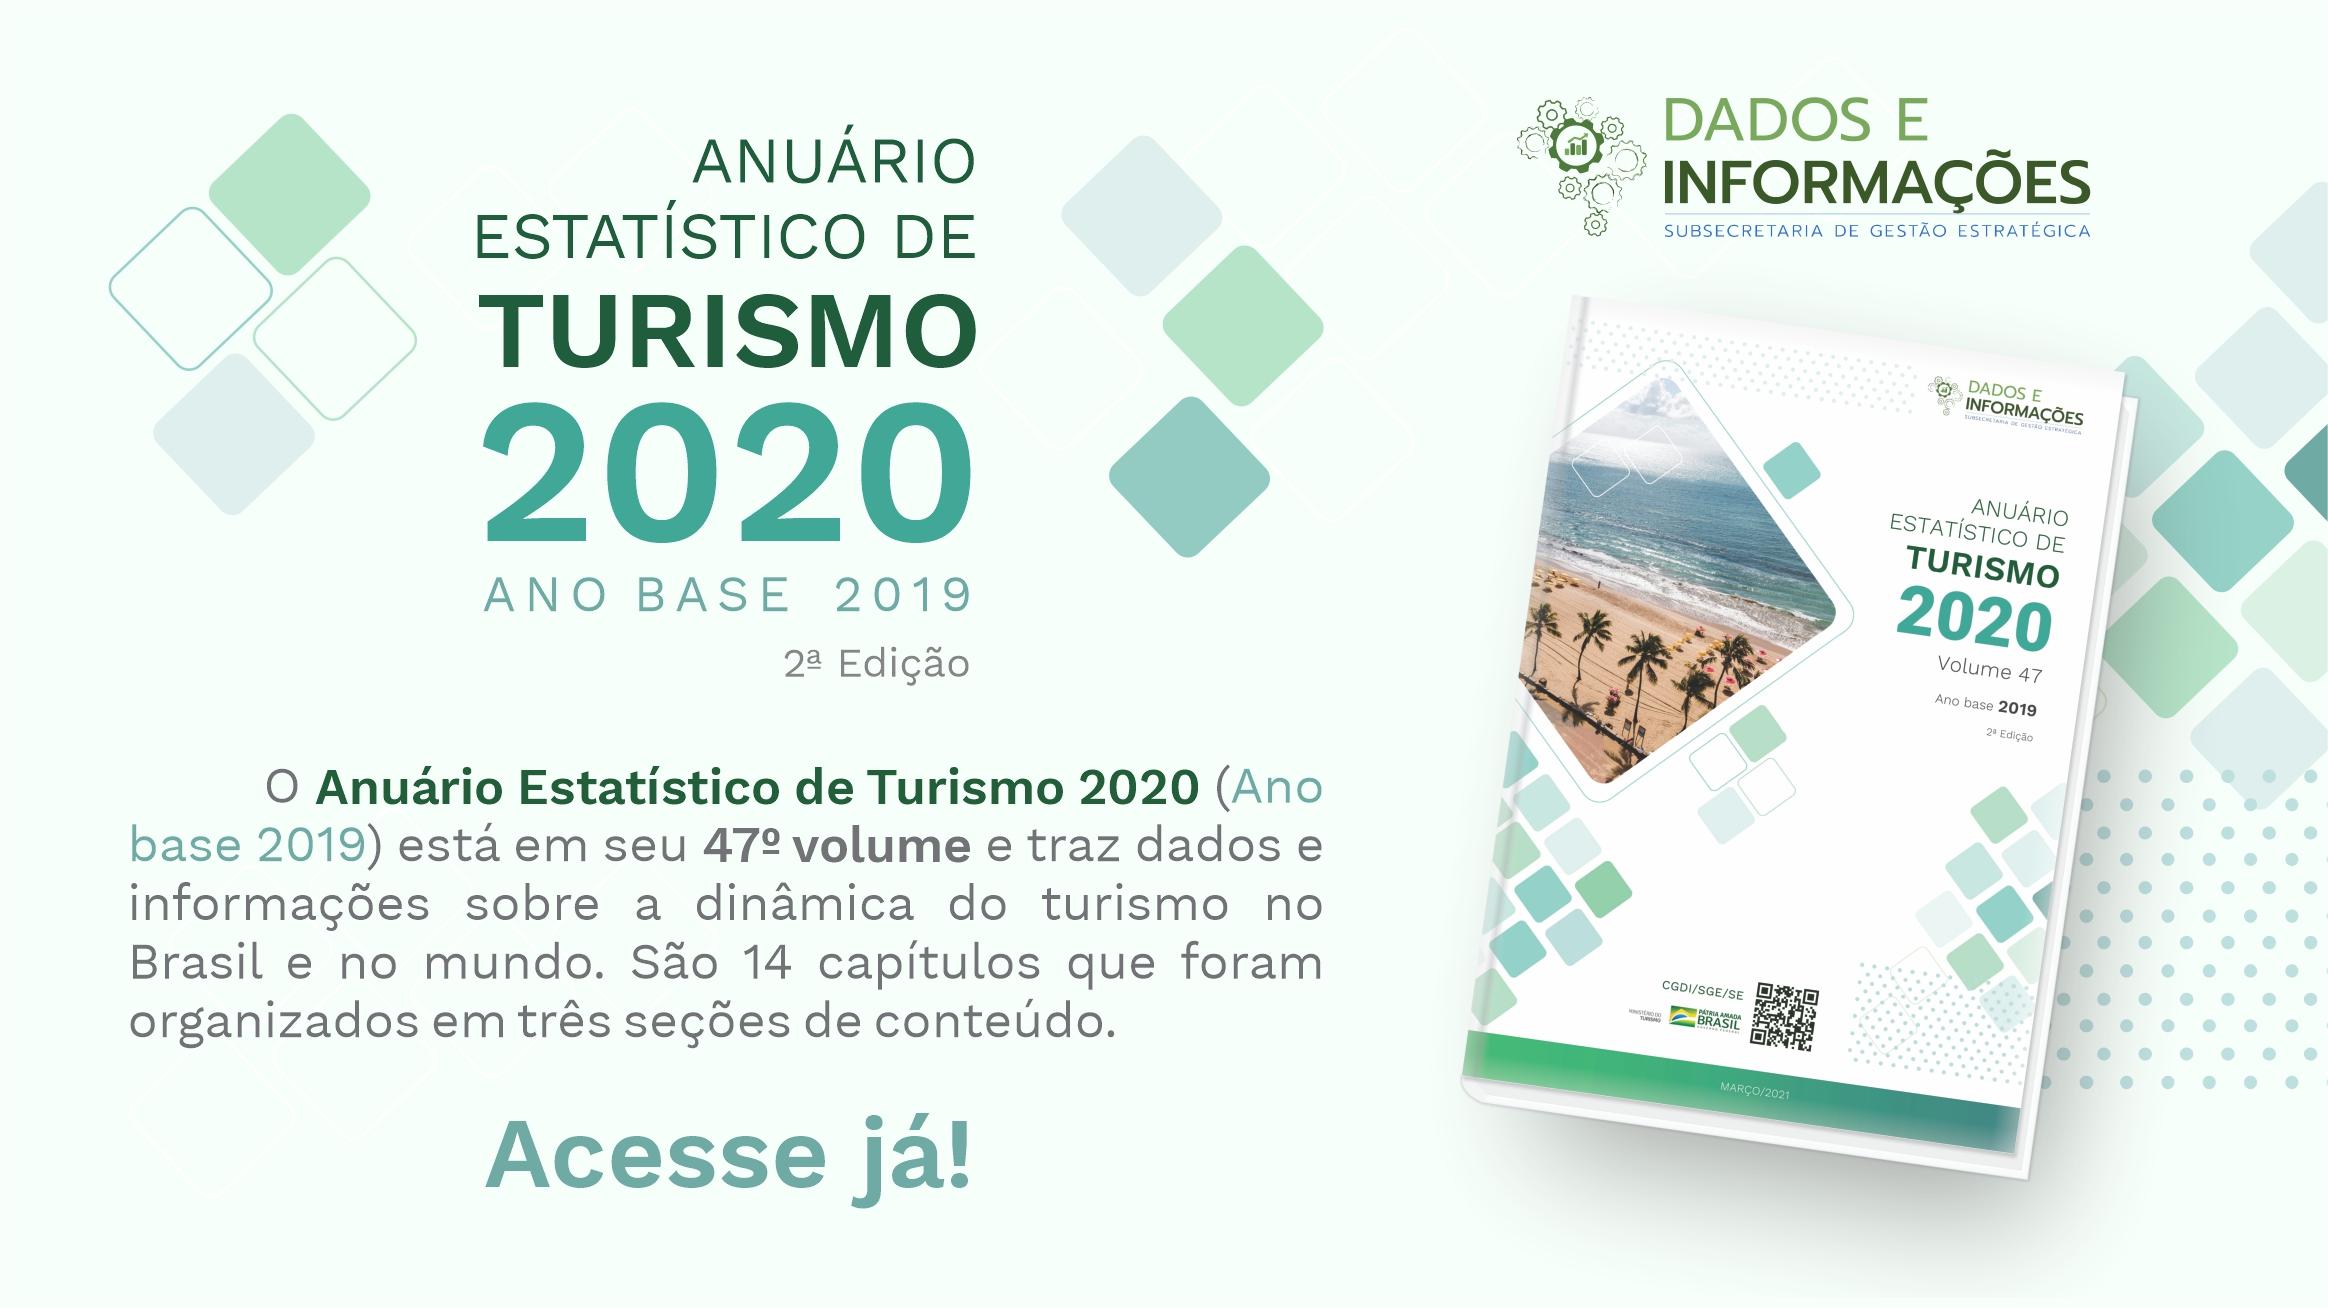 Publicado o Anuário Estatístico de Turismo 2020 - Ano Base 2019 - 2ª edição